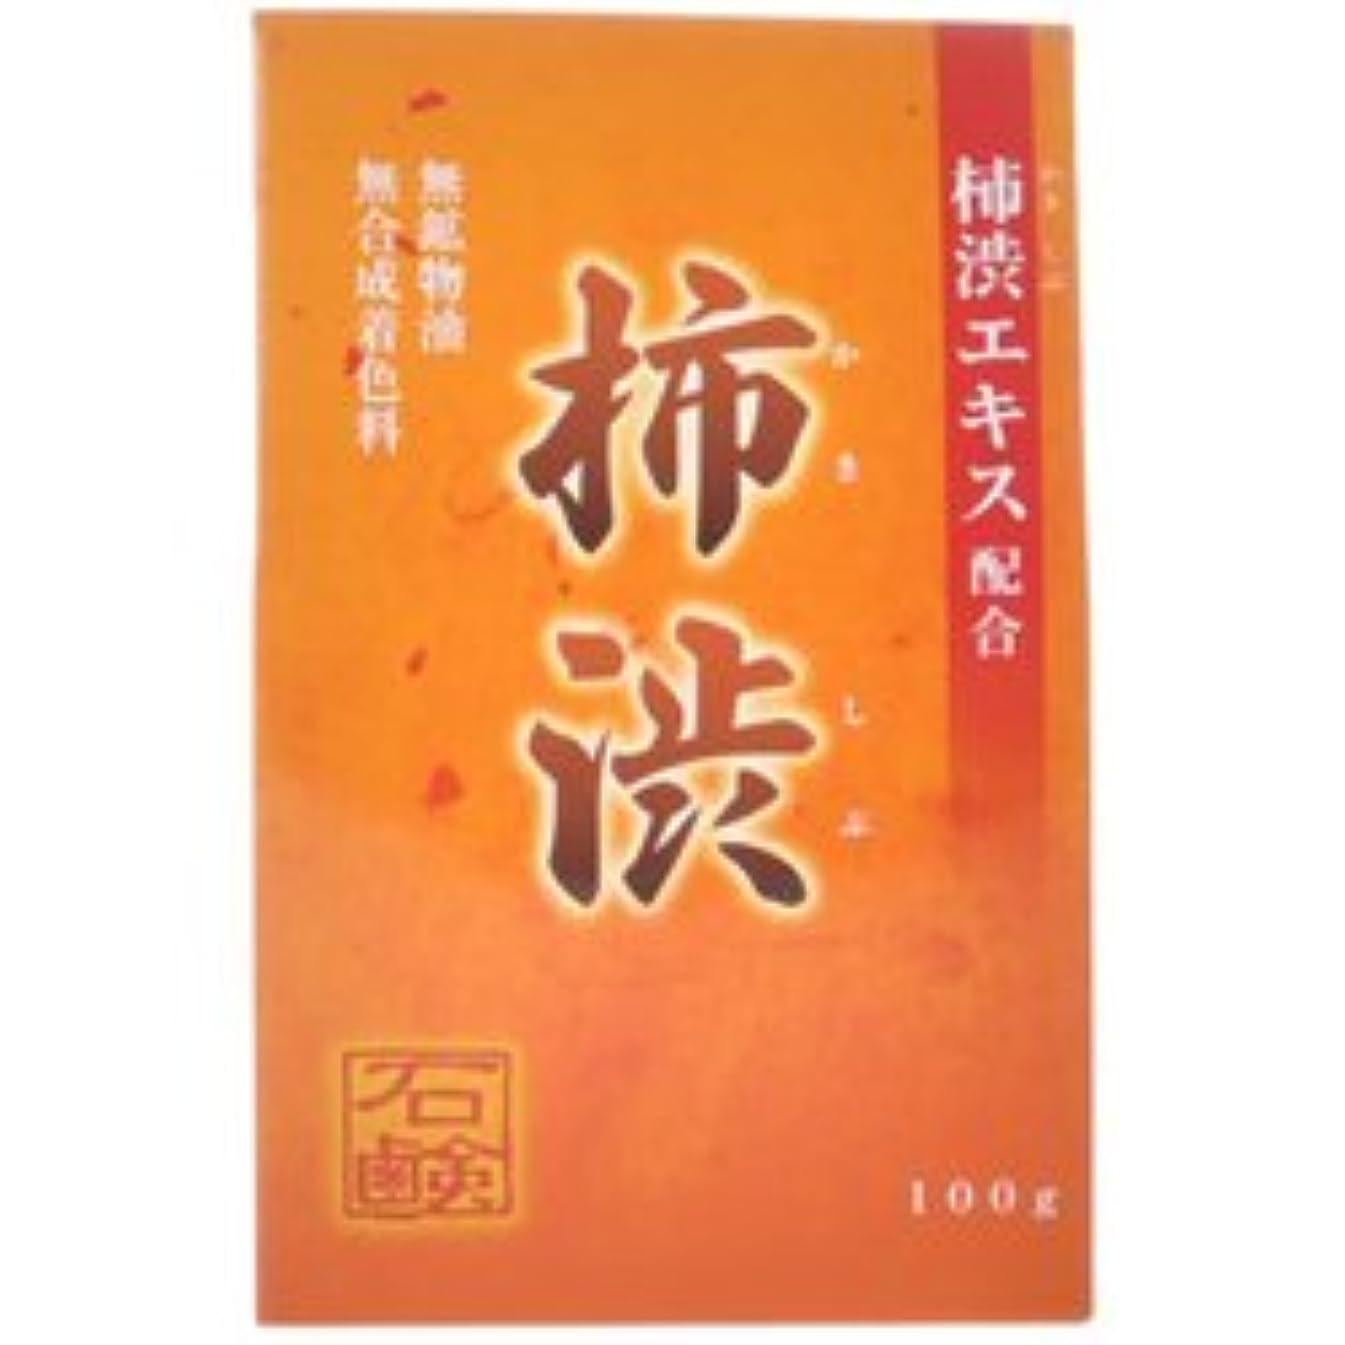 ホイップ単語ストリップ【アール?エイチ?ビープロダクト】新 柿渋石鹸 100g ×5個セット